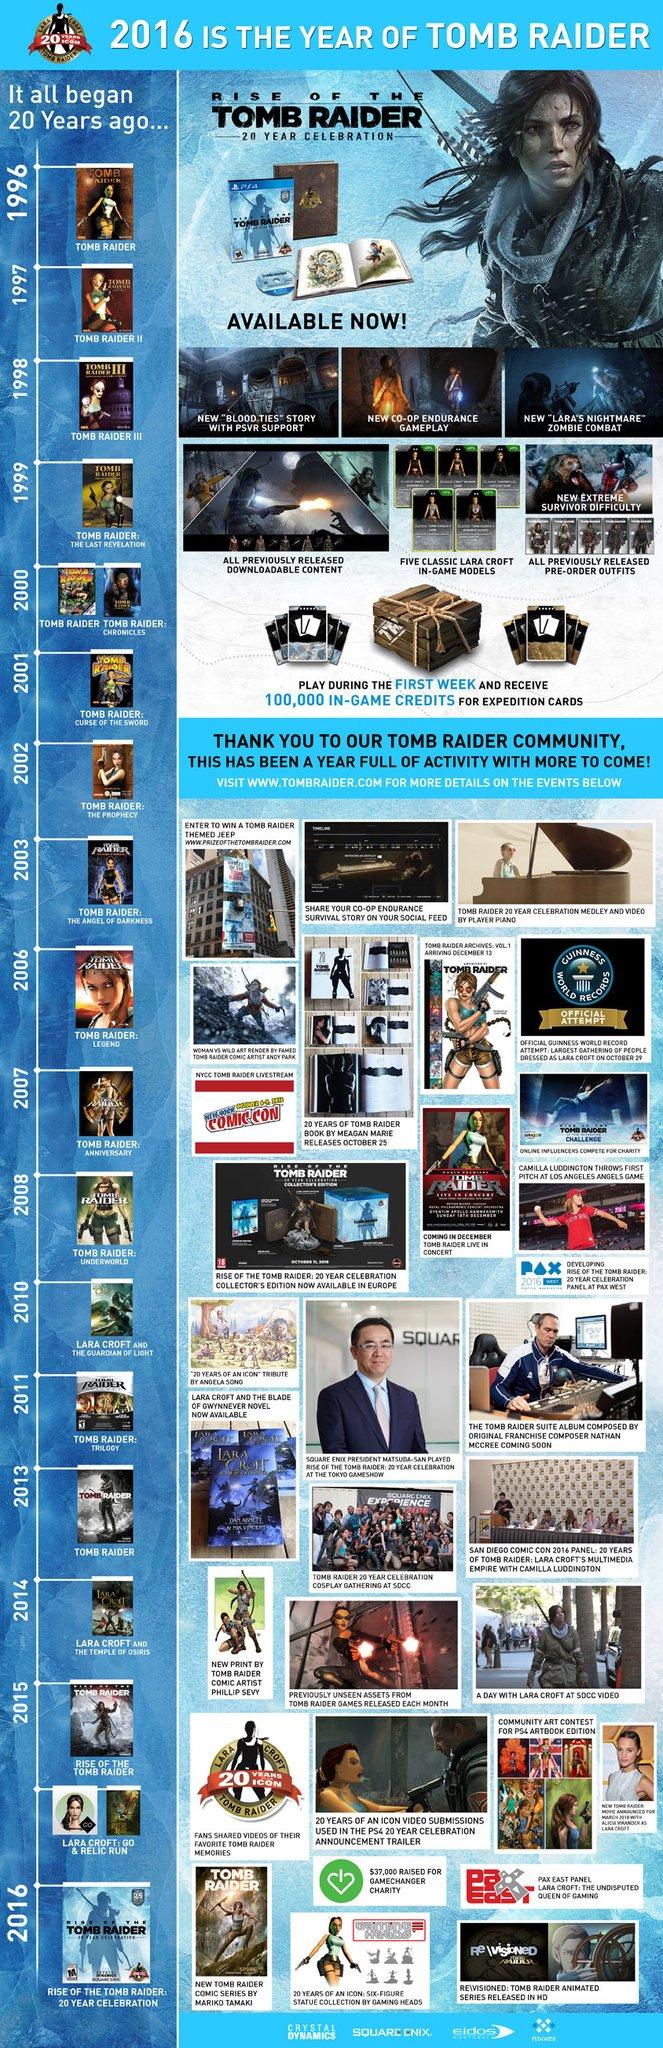 Tomb Raider resume sus 20 años de historia en una infografía